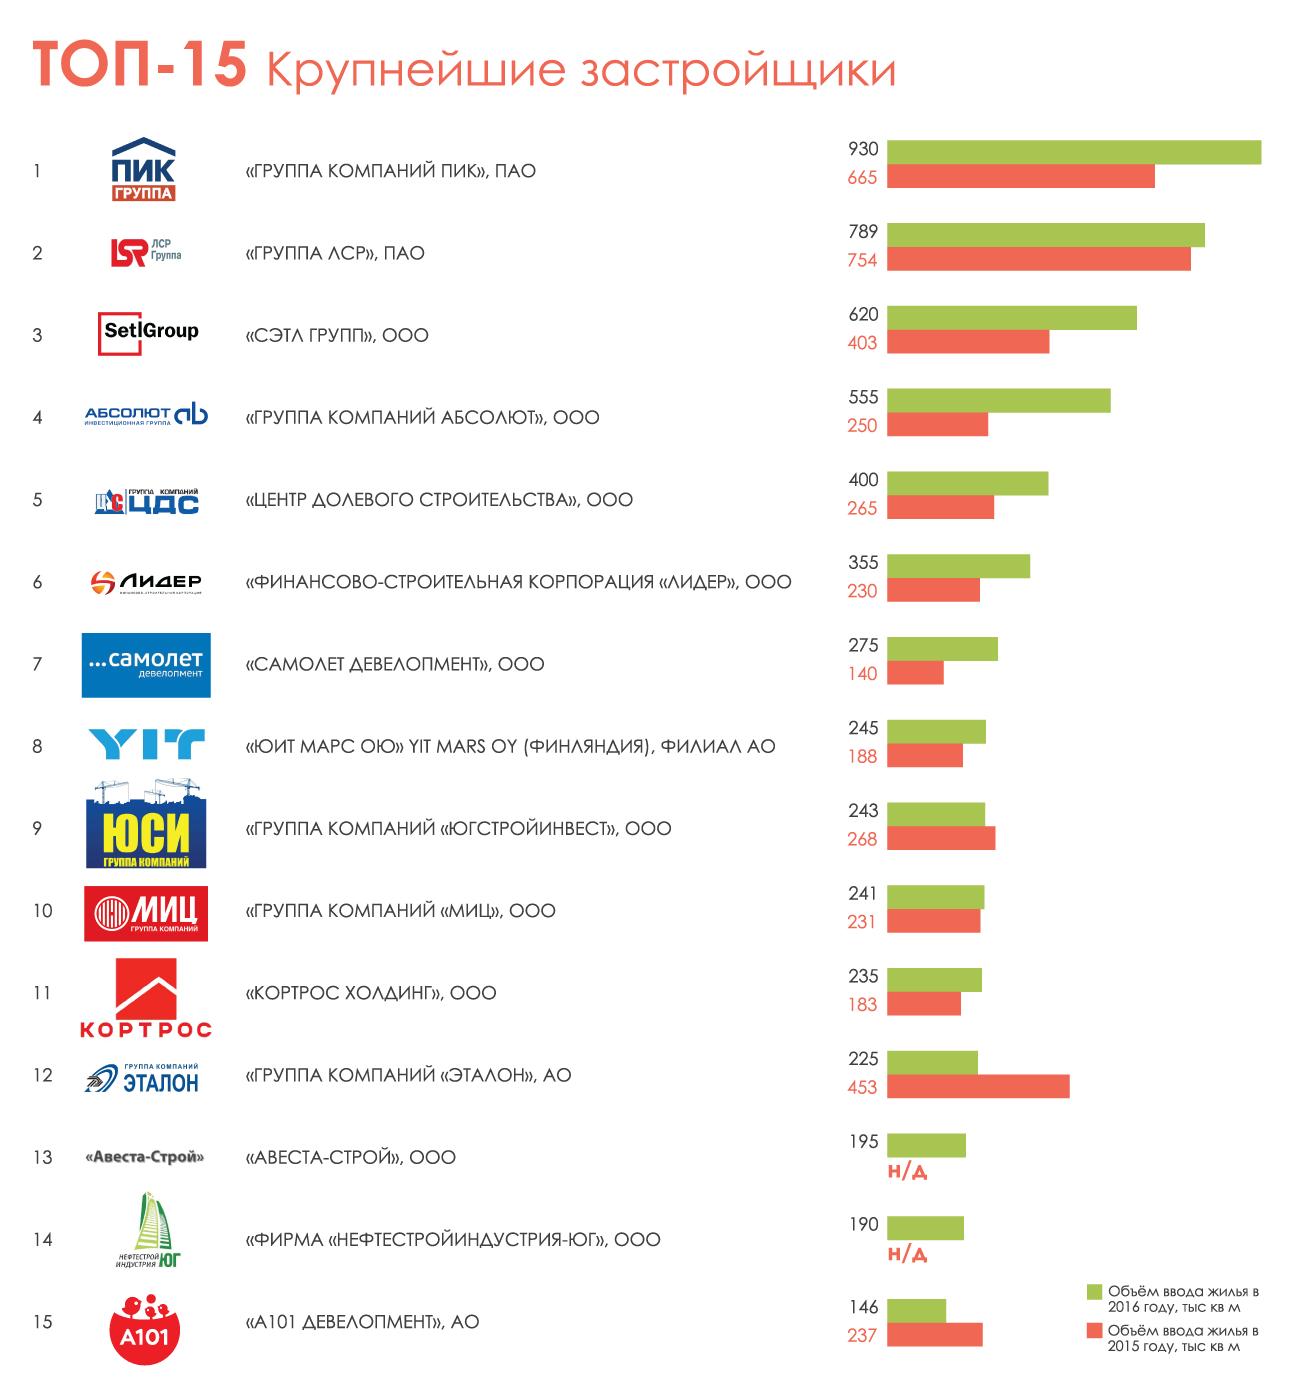 Крупнейшие застройщики России